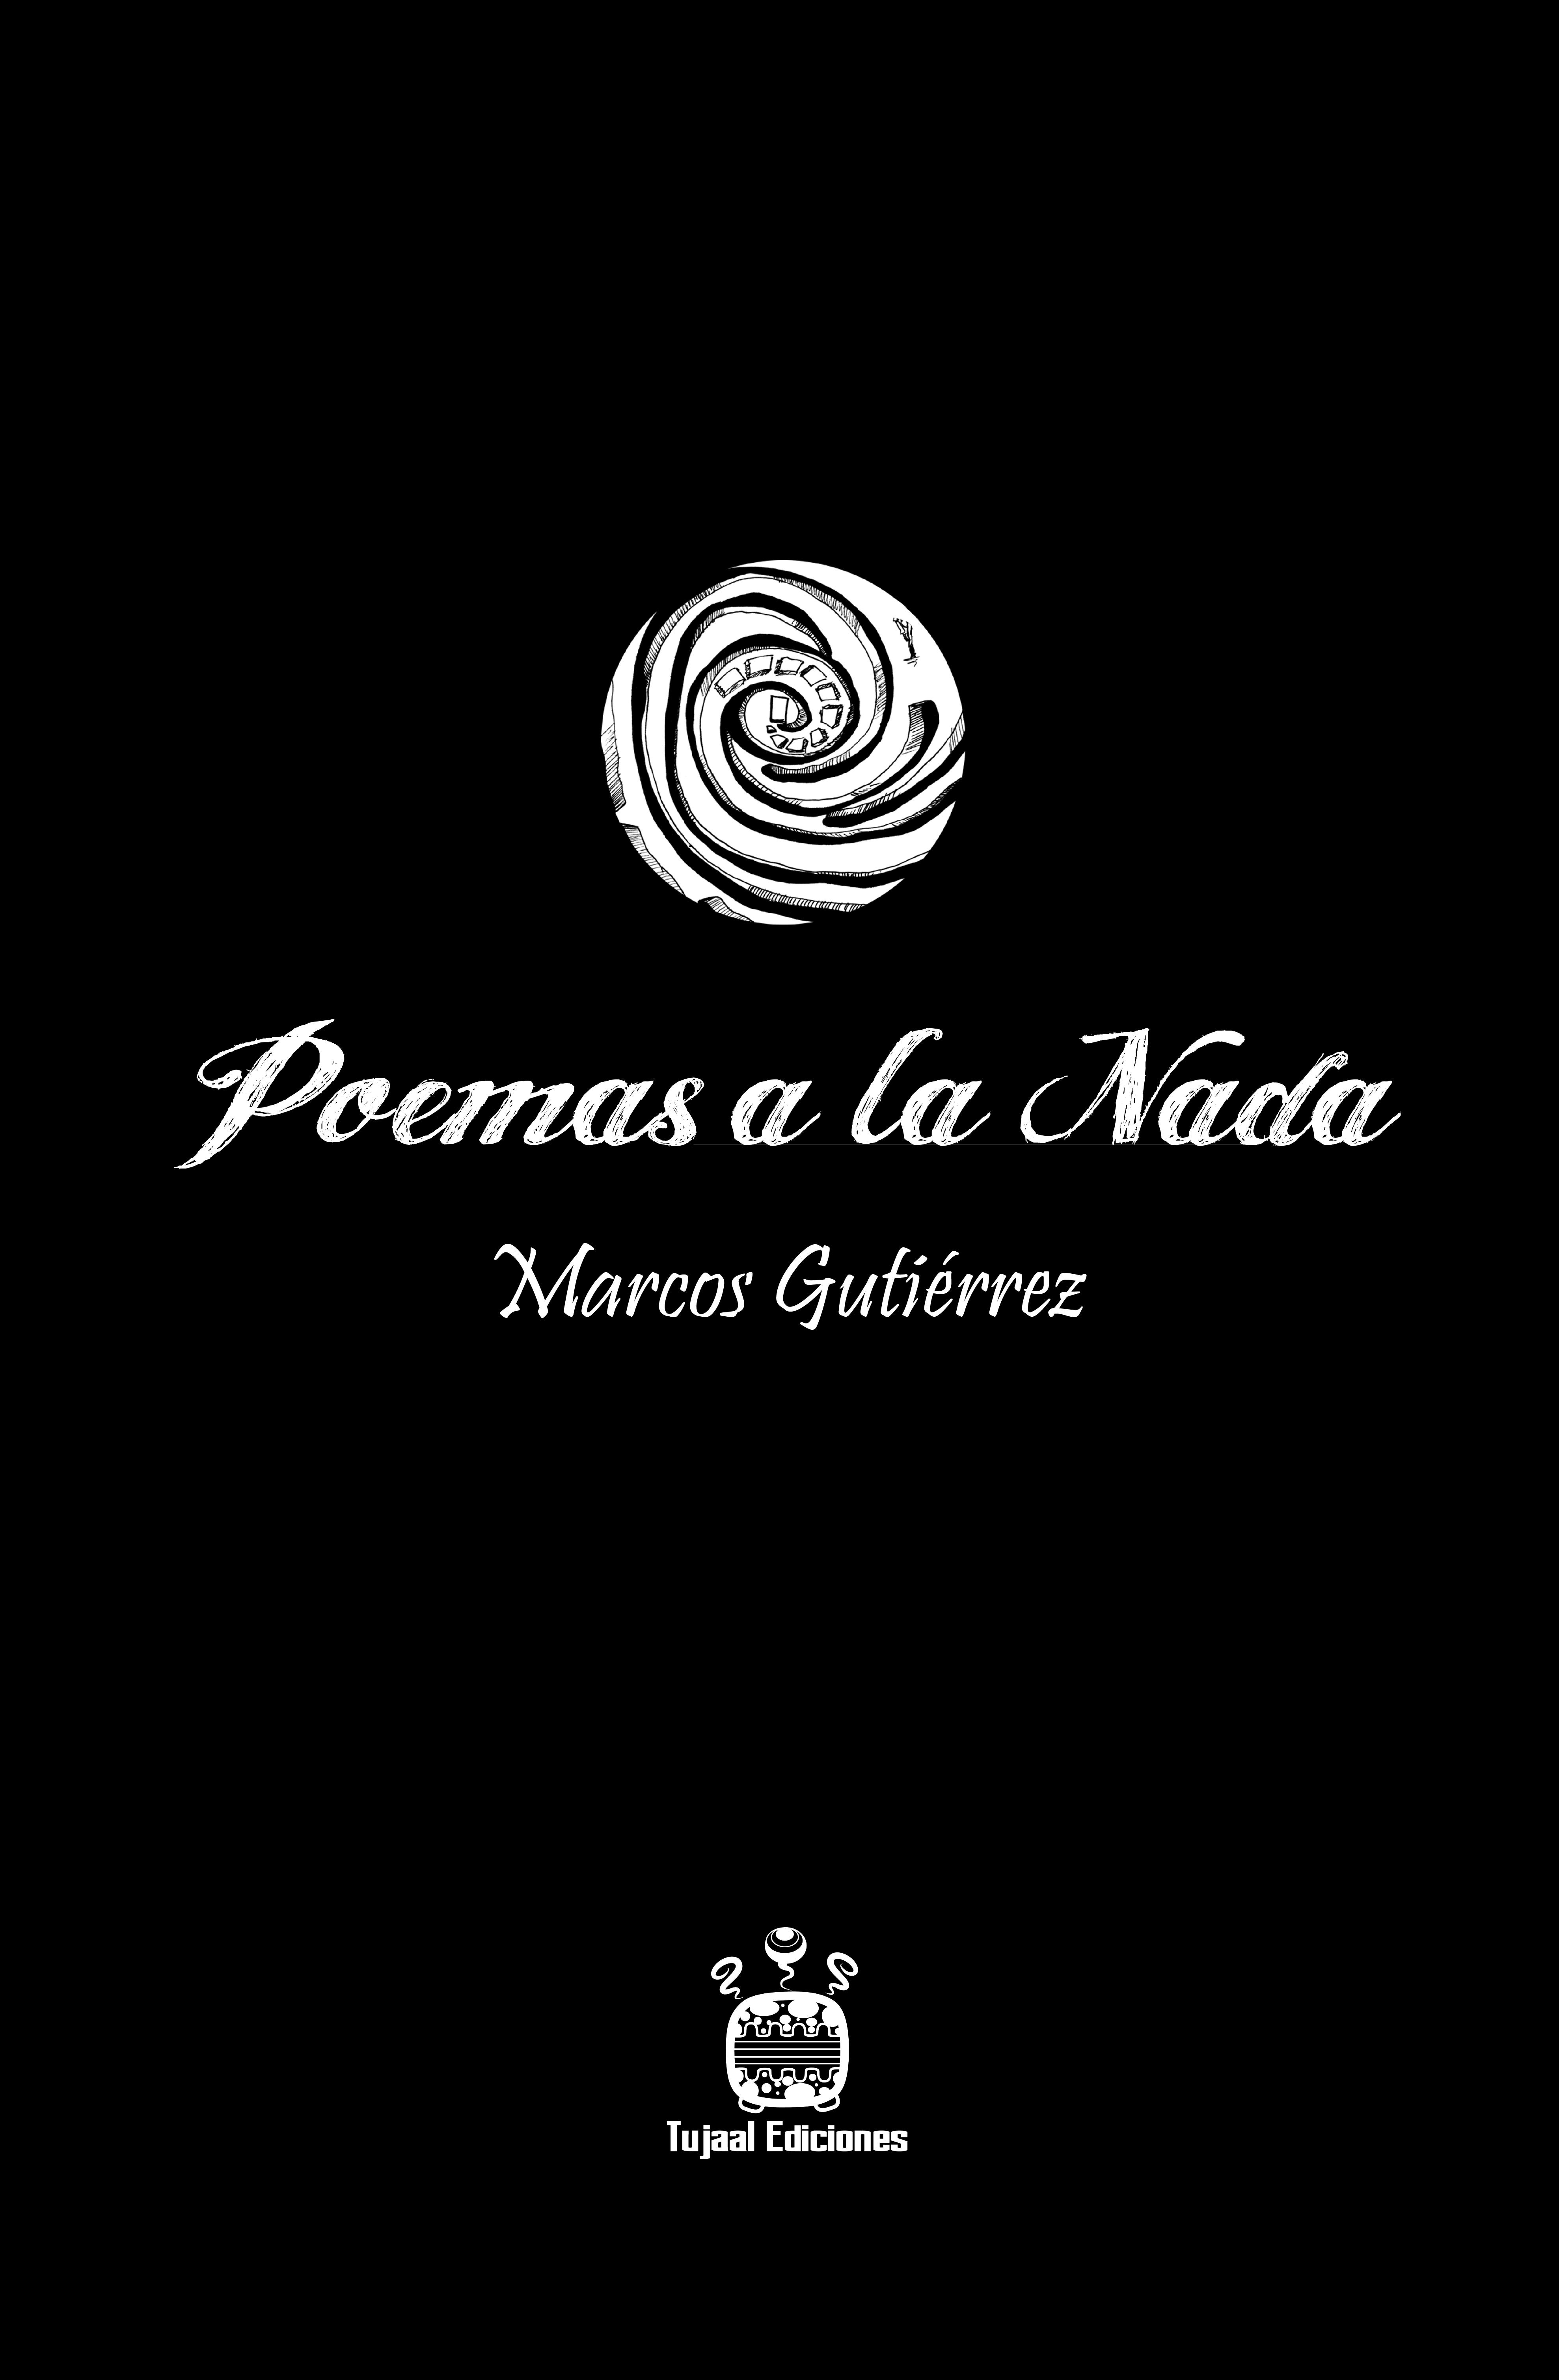 Poemas a la Nada (Marcos Gutiérrez)